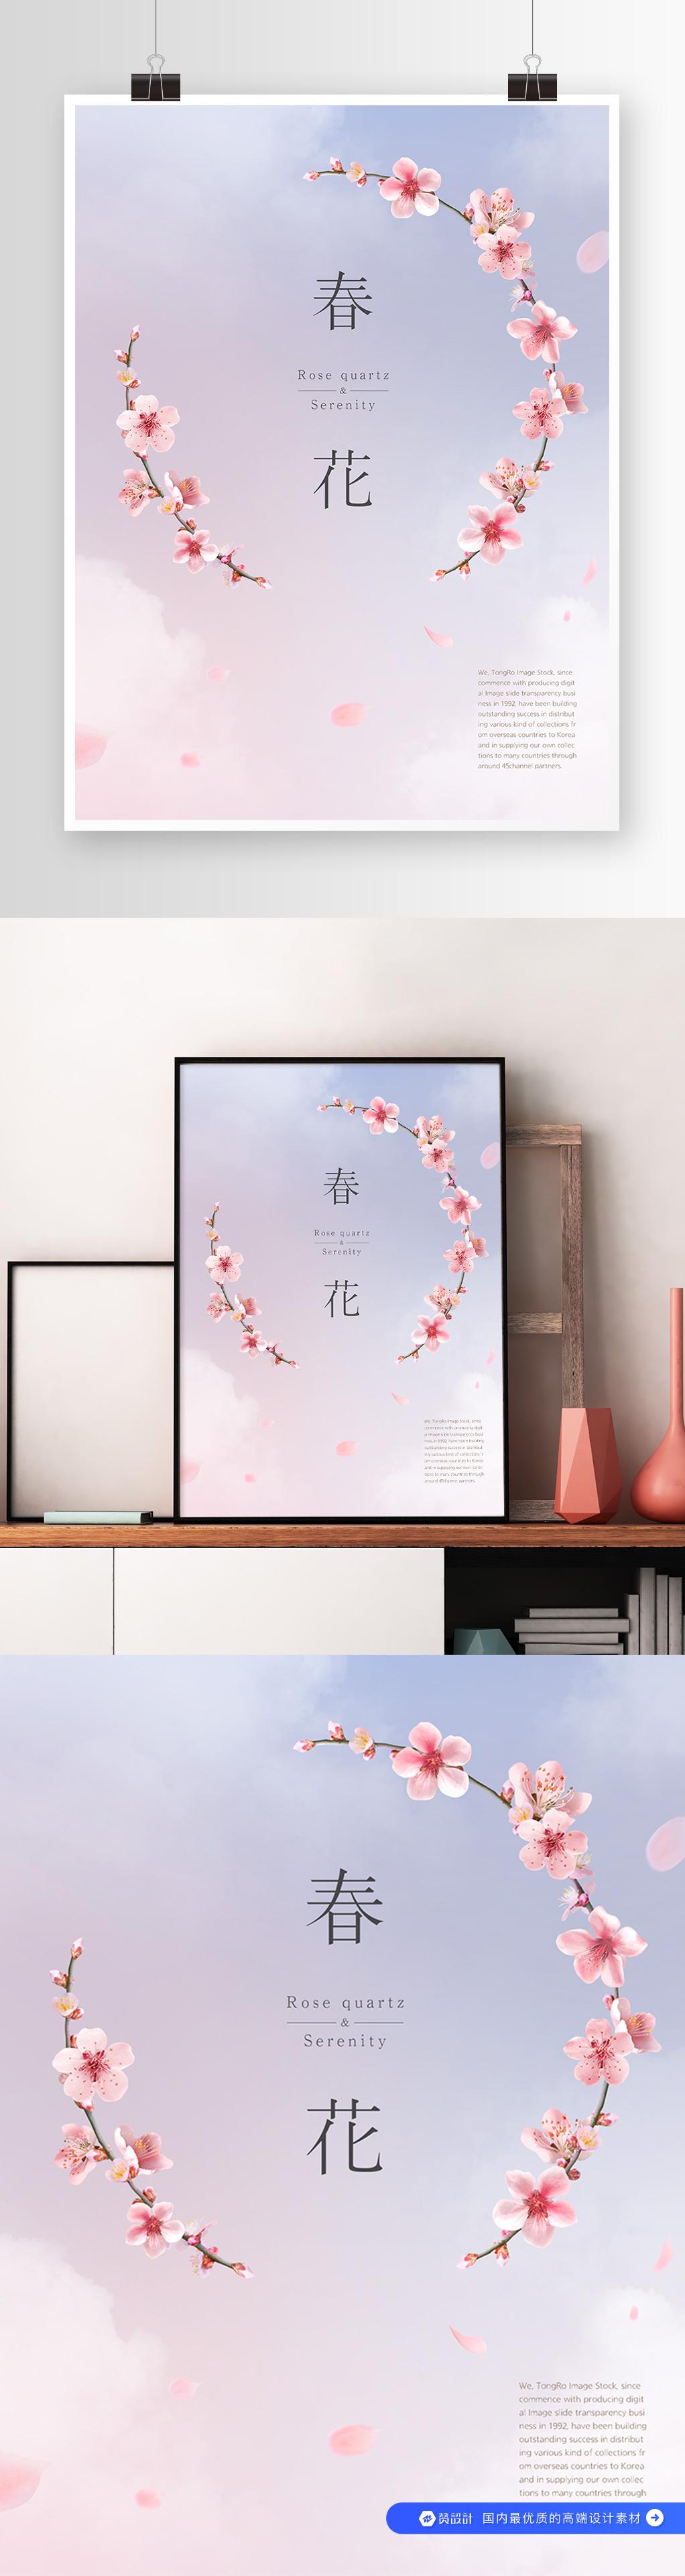 春季唯美桃花海报素材(1)